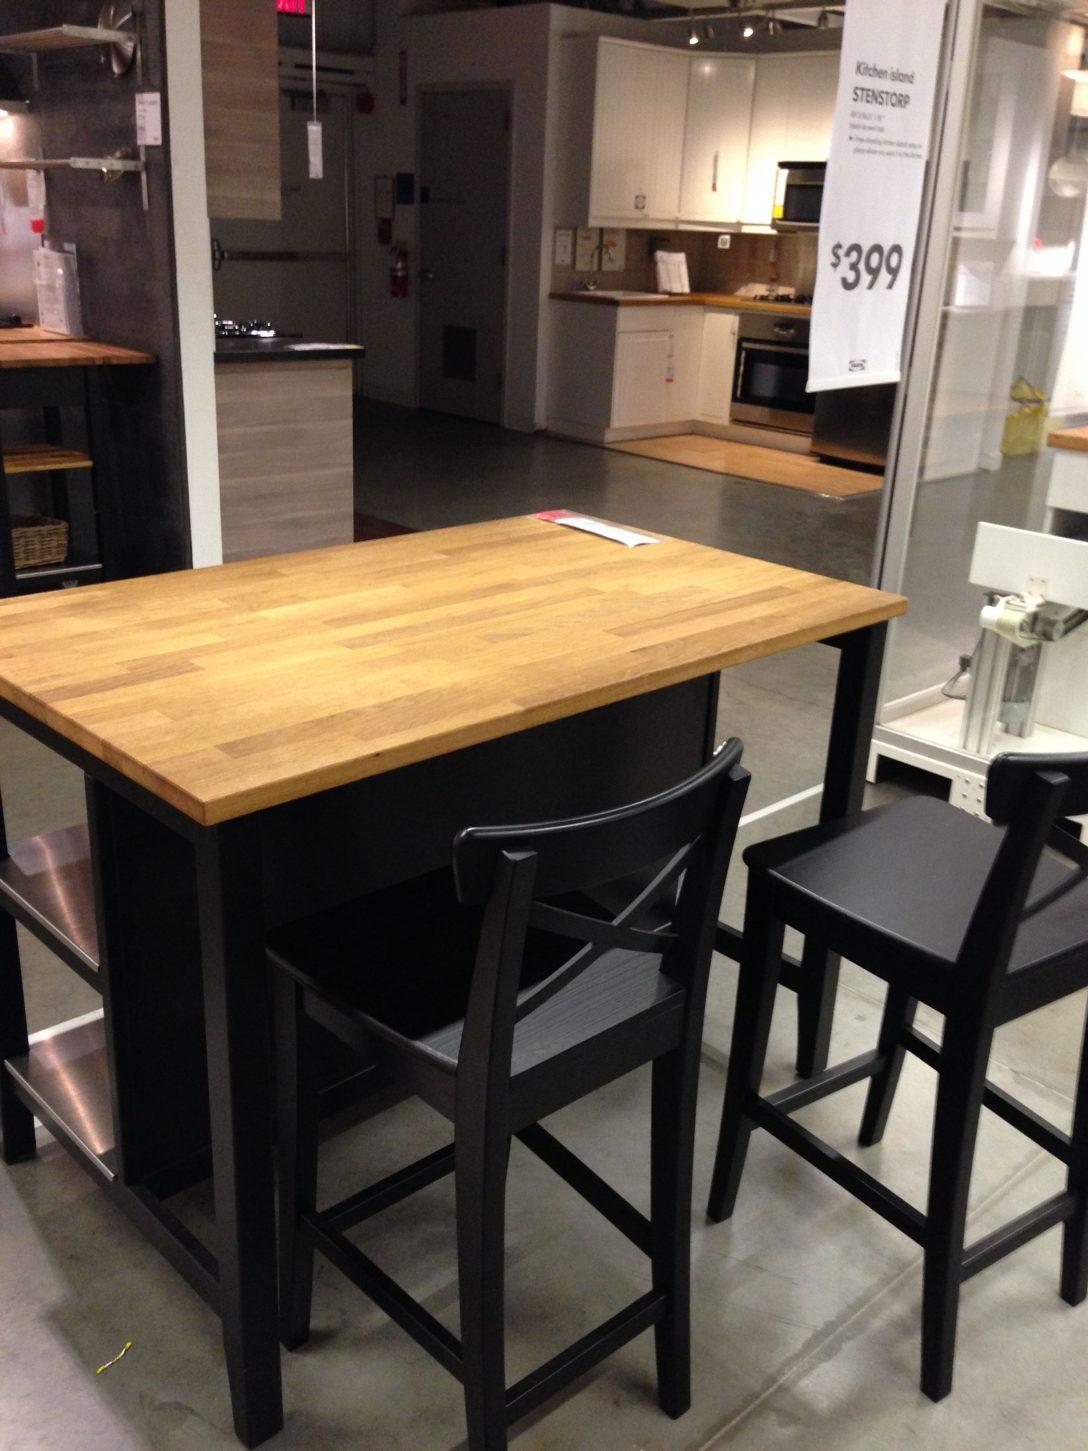 Large Size of Ikea Stenstorp Kitchen Island Dark Oak Back I Küche Kaufen Betten 160x200 Bei Kosten Modulküche Sofa Mit Schlaffunktion Miniküche Wohnzimmer Ikea Kücheninsel